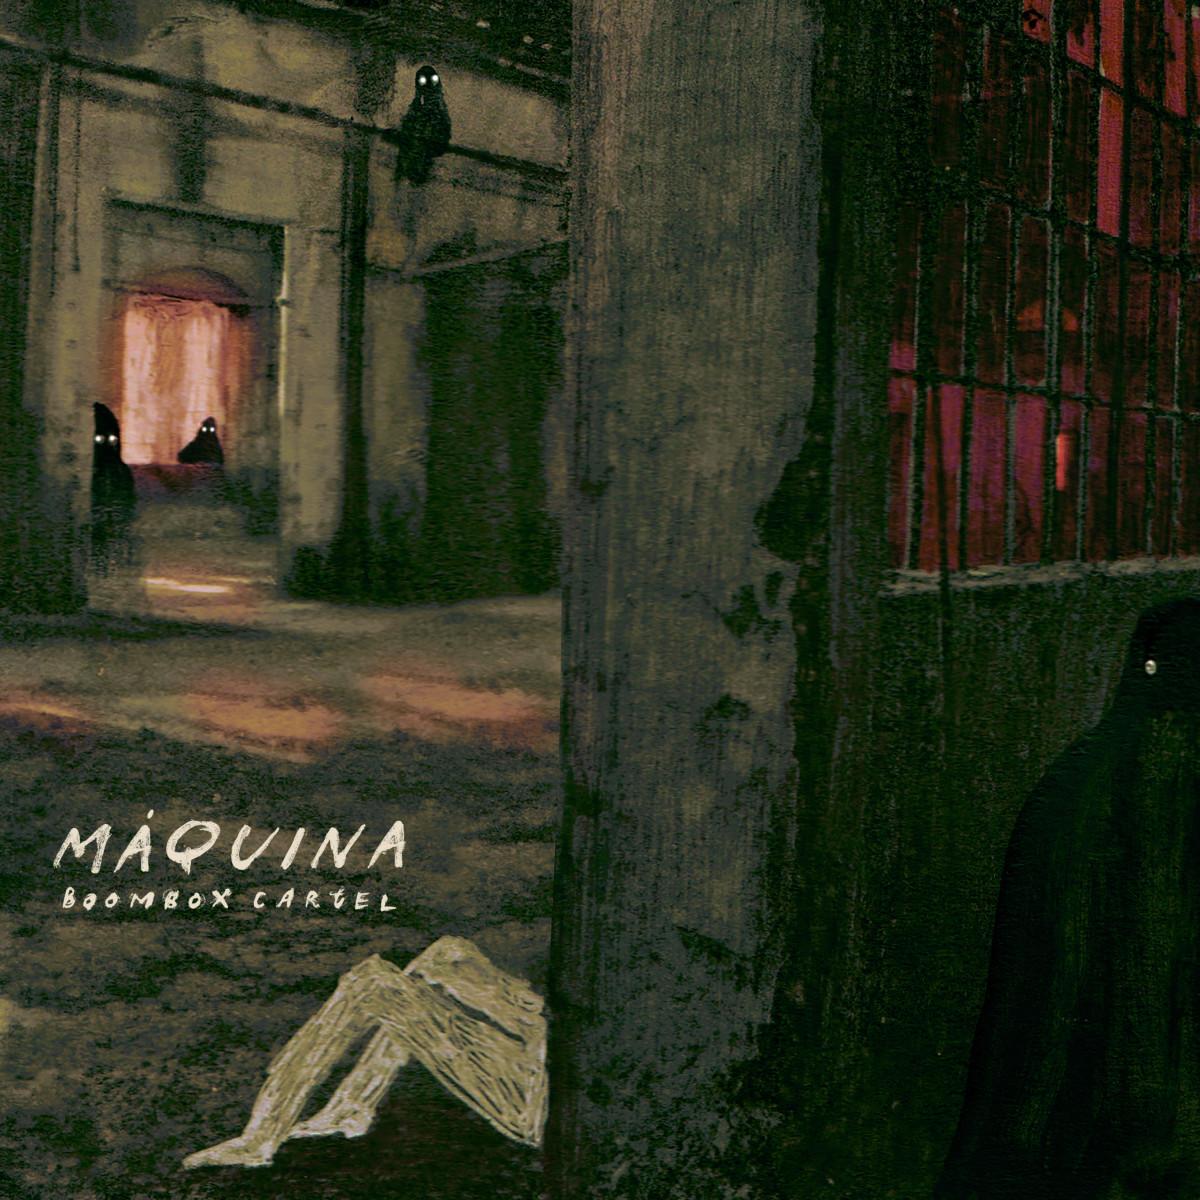 MAQUINA_ARTWORK_FINAL